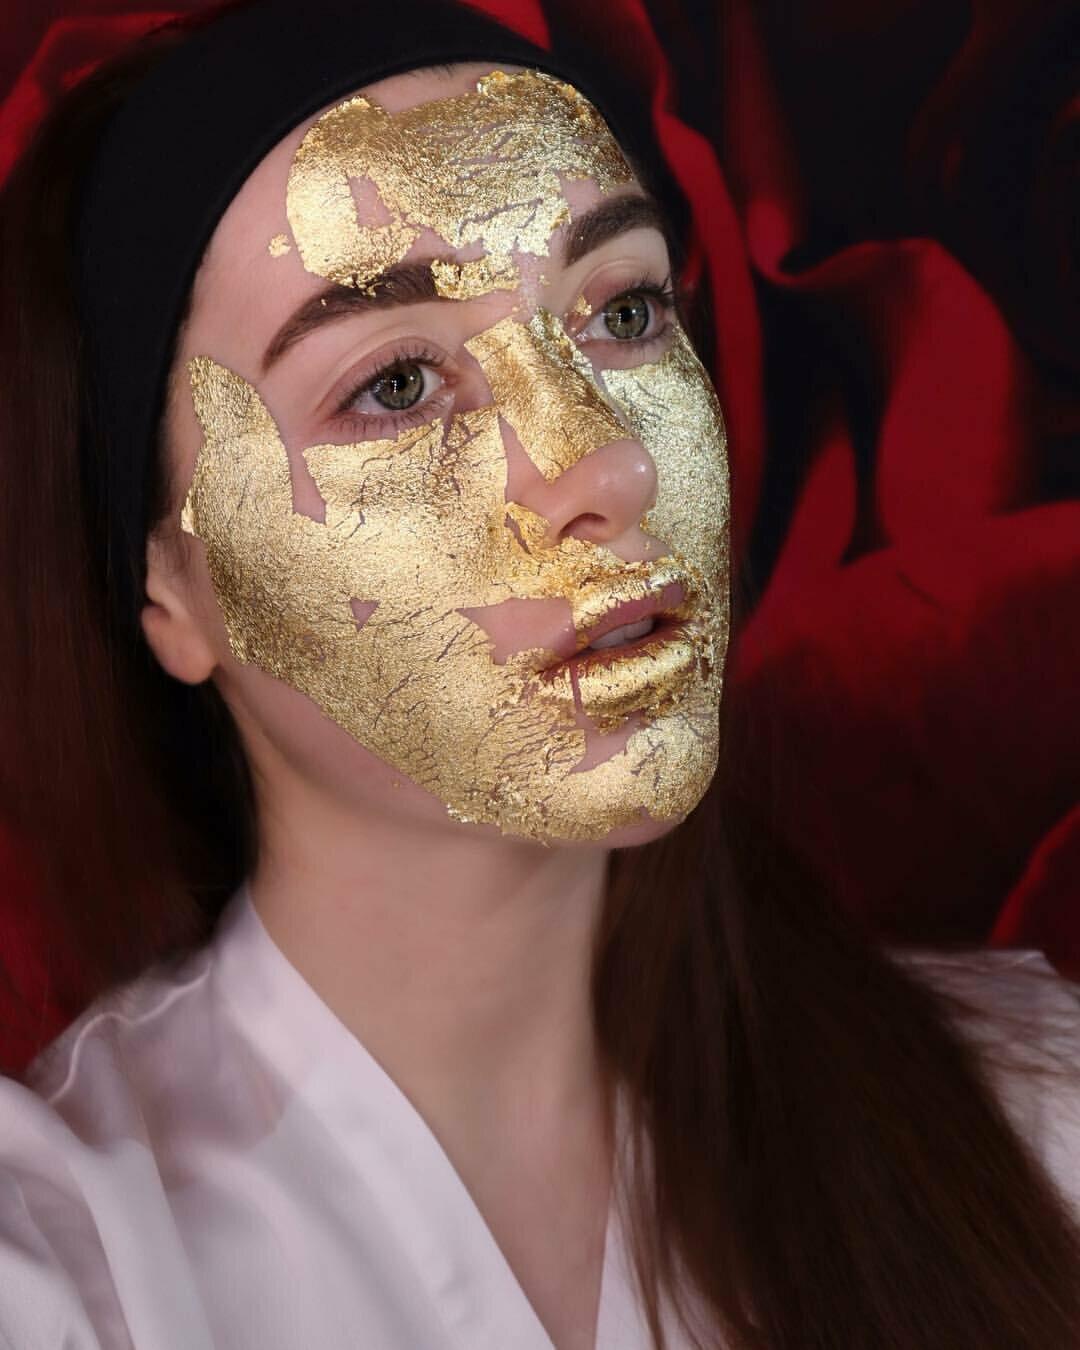 Kaprielle - омолаживающая маска из сусального золота в Рудном